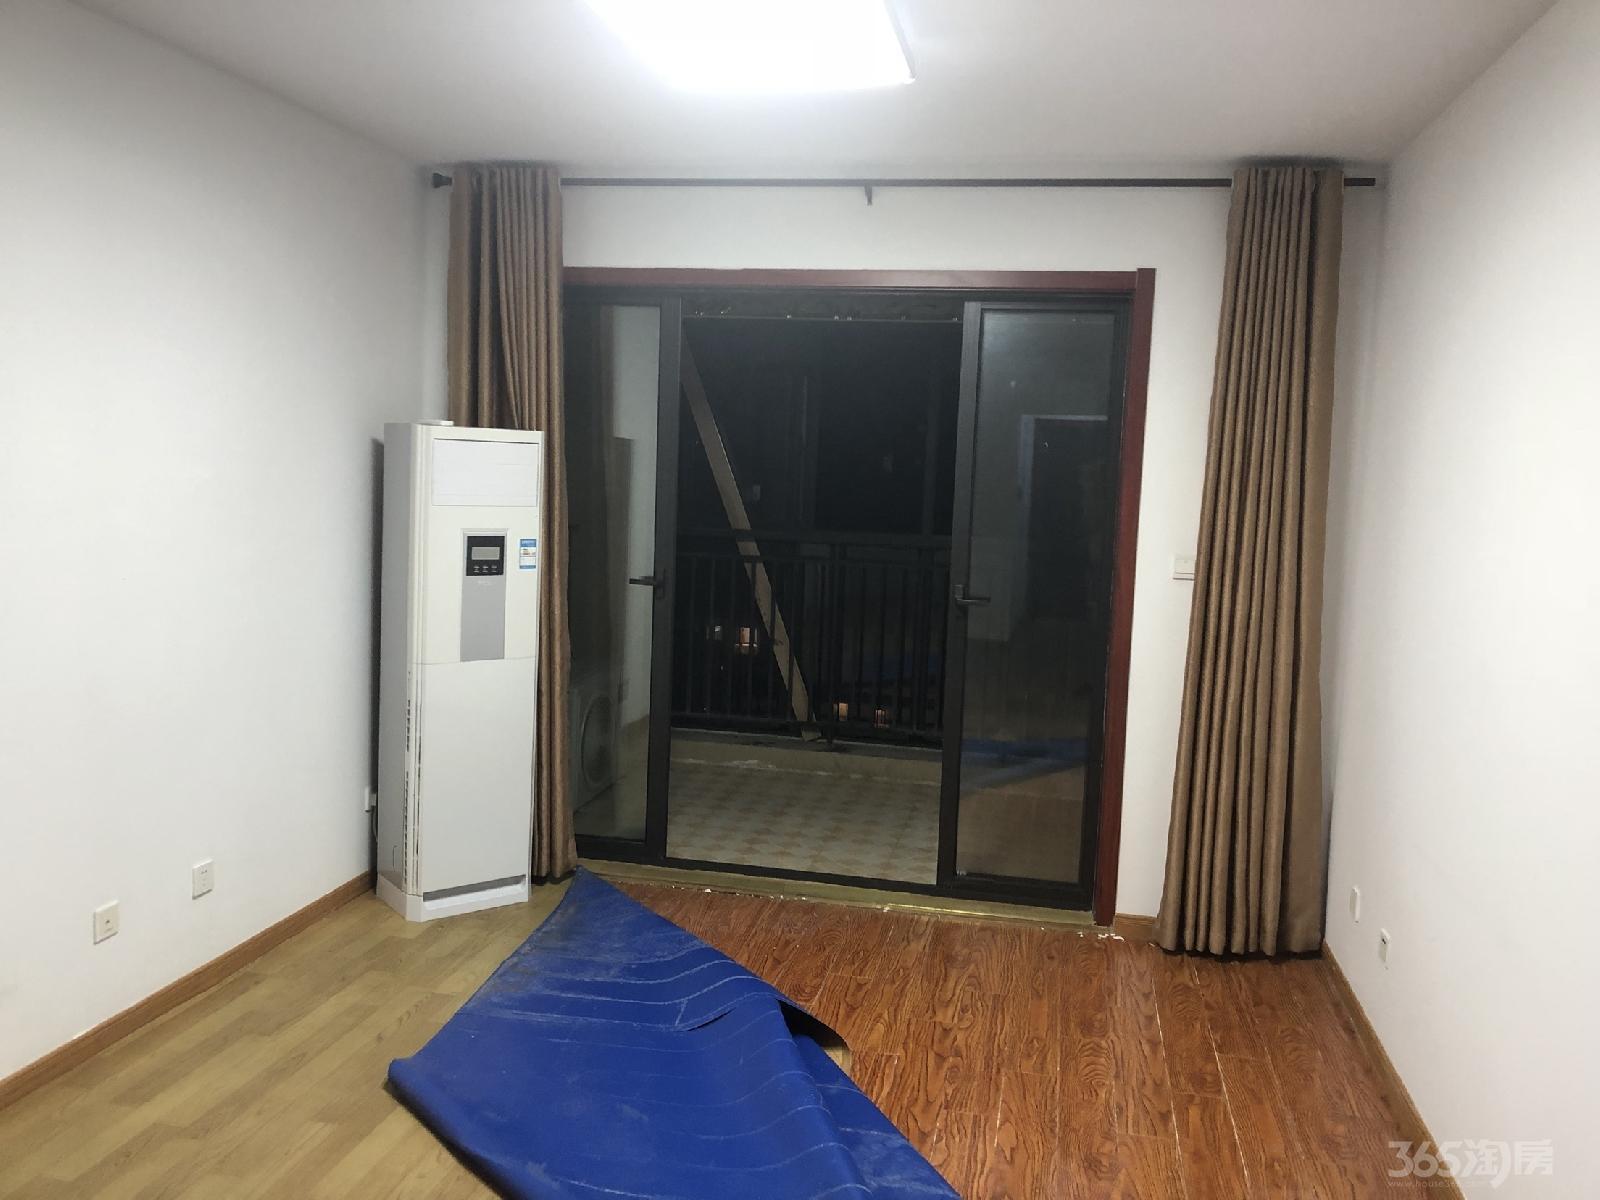 华润凯旋门3室2厅2卫110平米整租精装